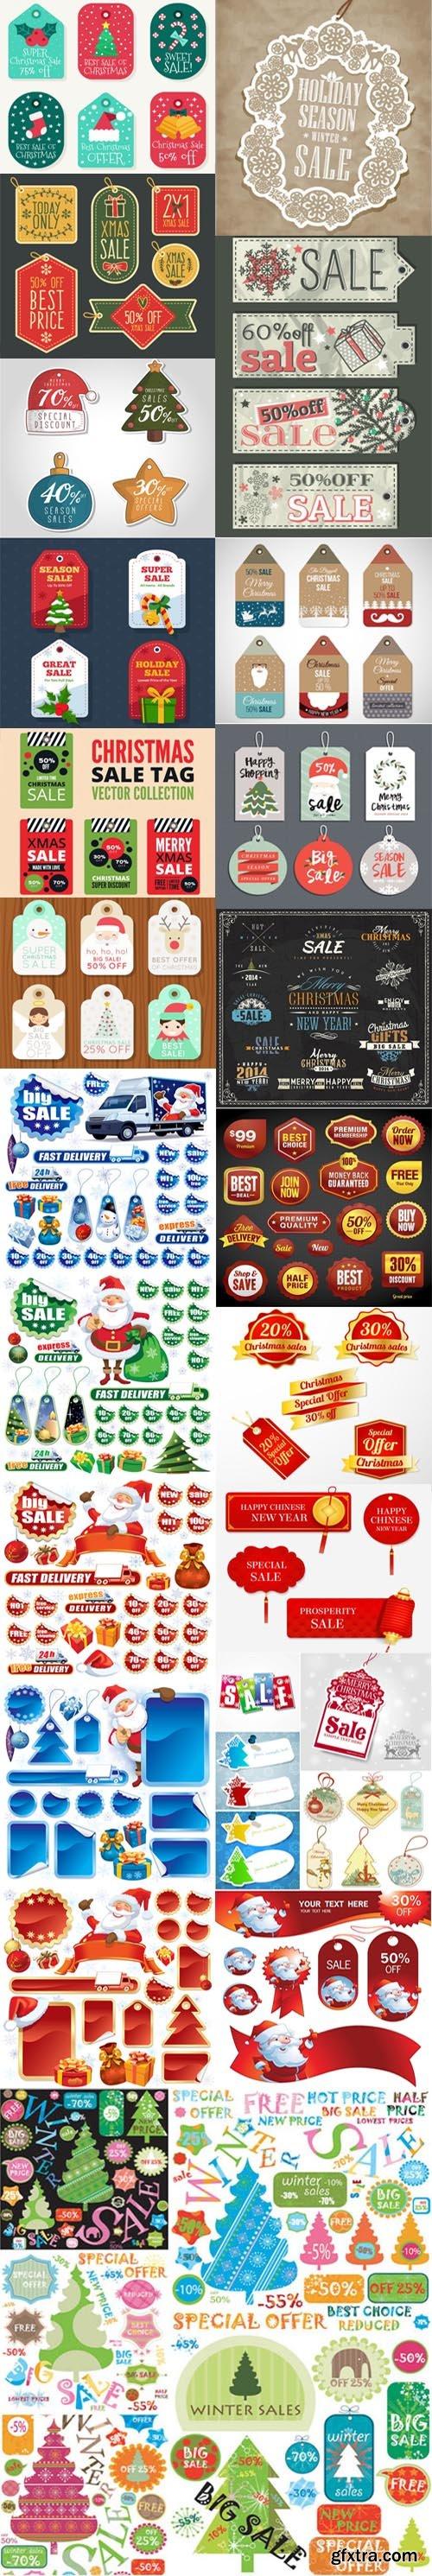 Holiday & Christmas Sales Vector Bundle 1 [Ai/EPS]